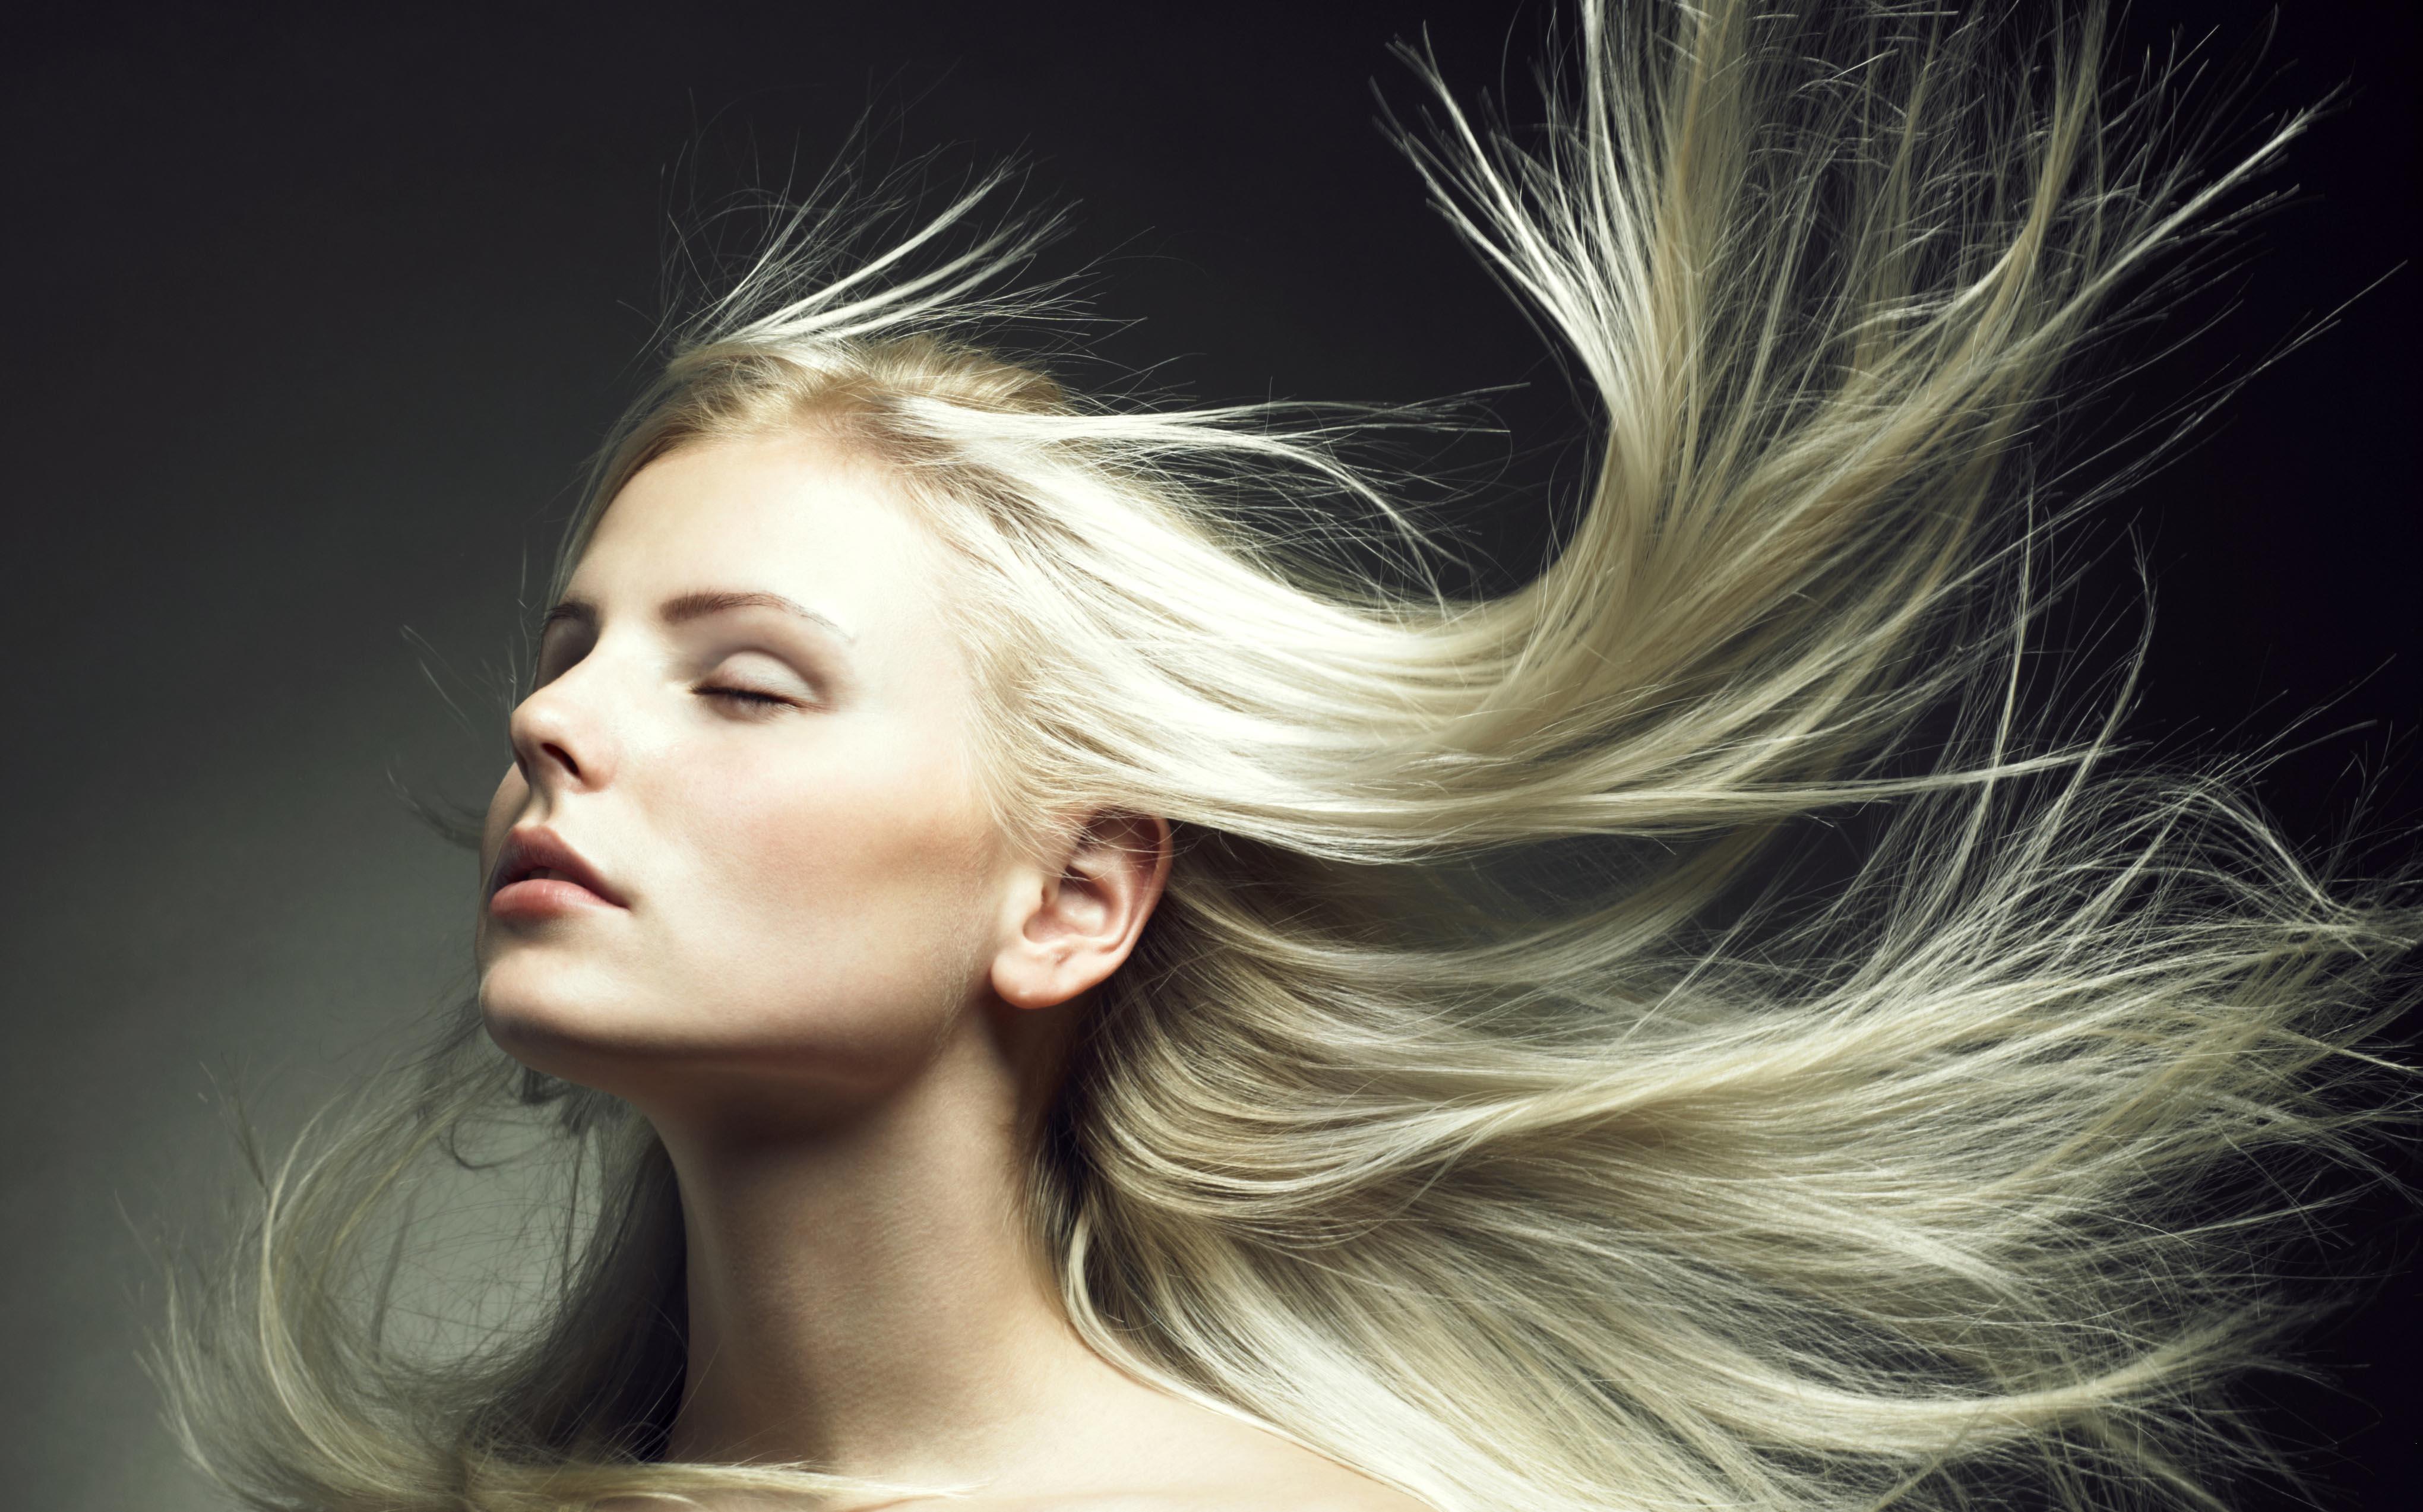 crescita-capelli-zephir-parrucchieri-ascona